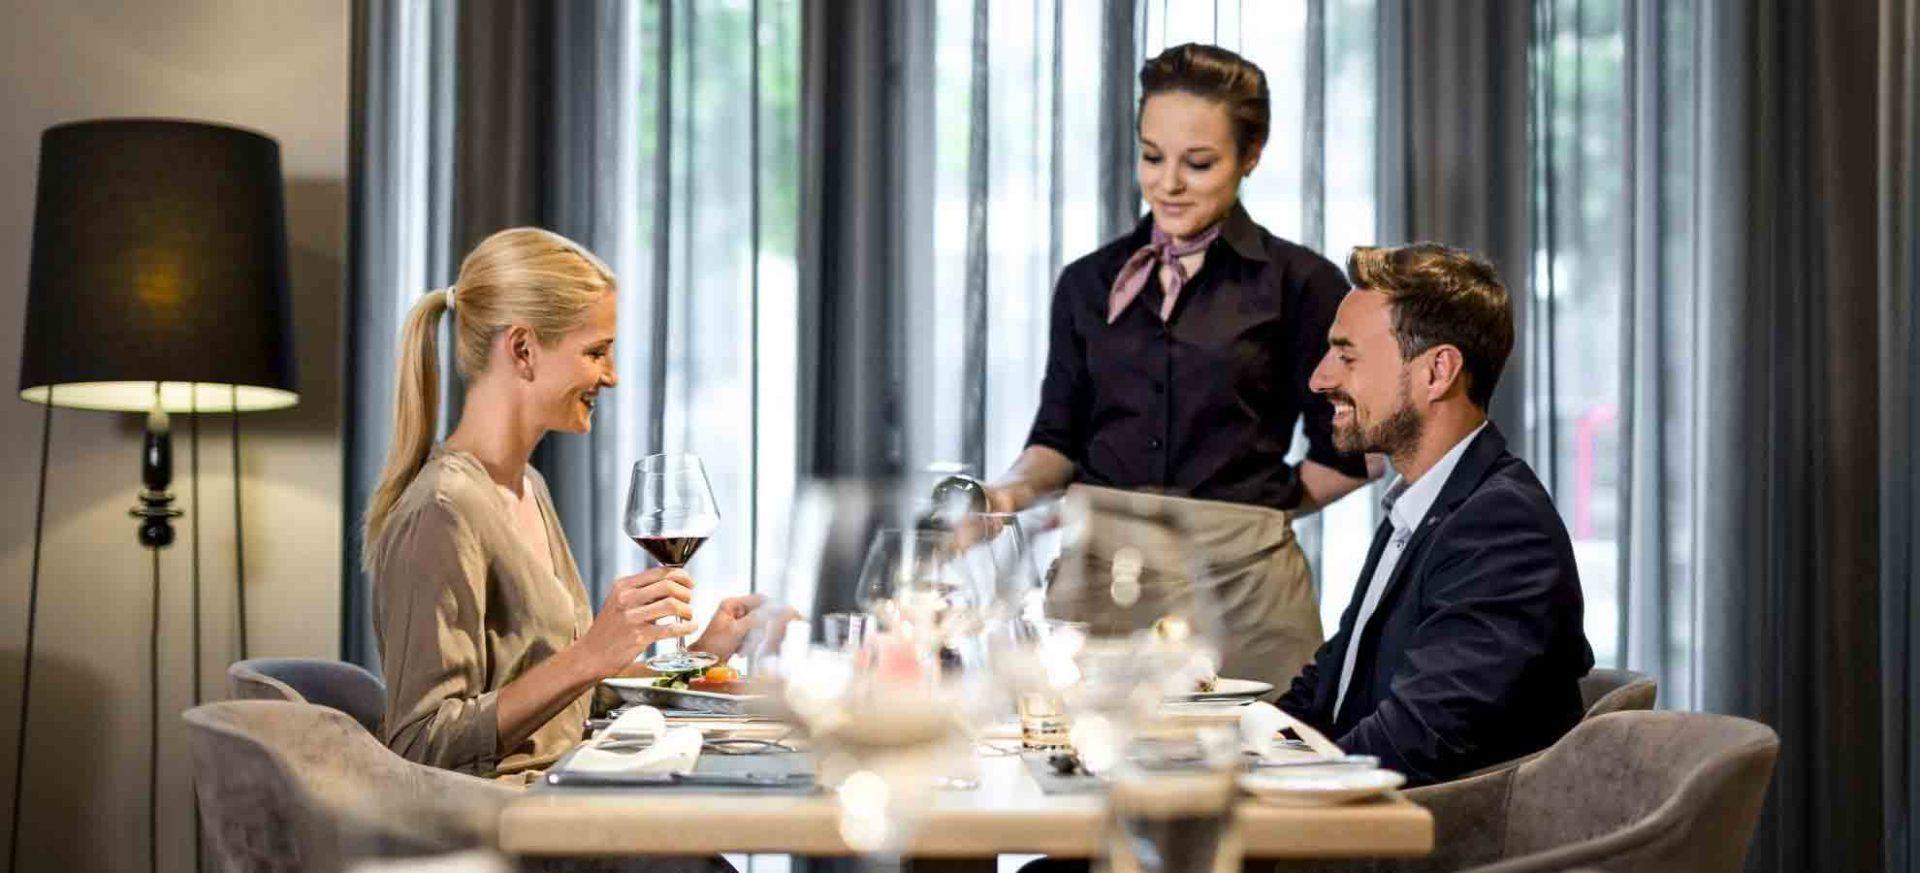 Pullman Hotel München Theos Lounge Restaurant